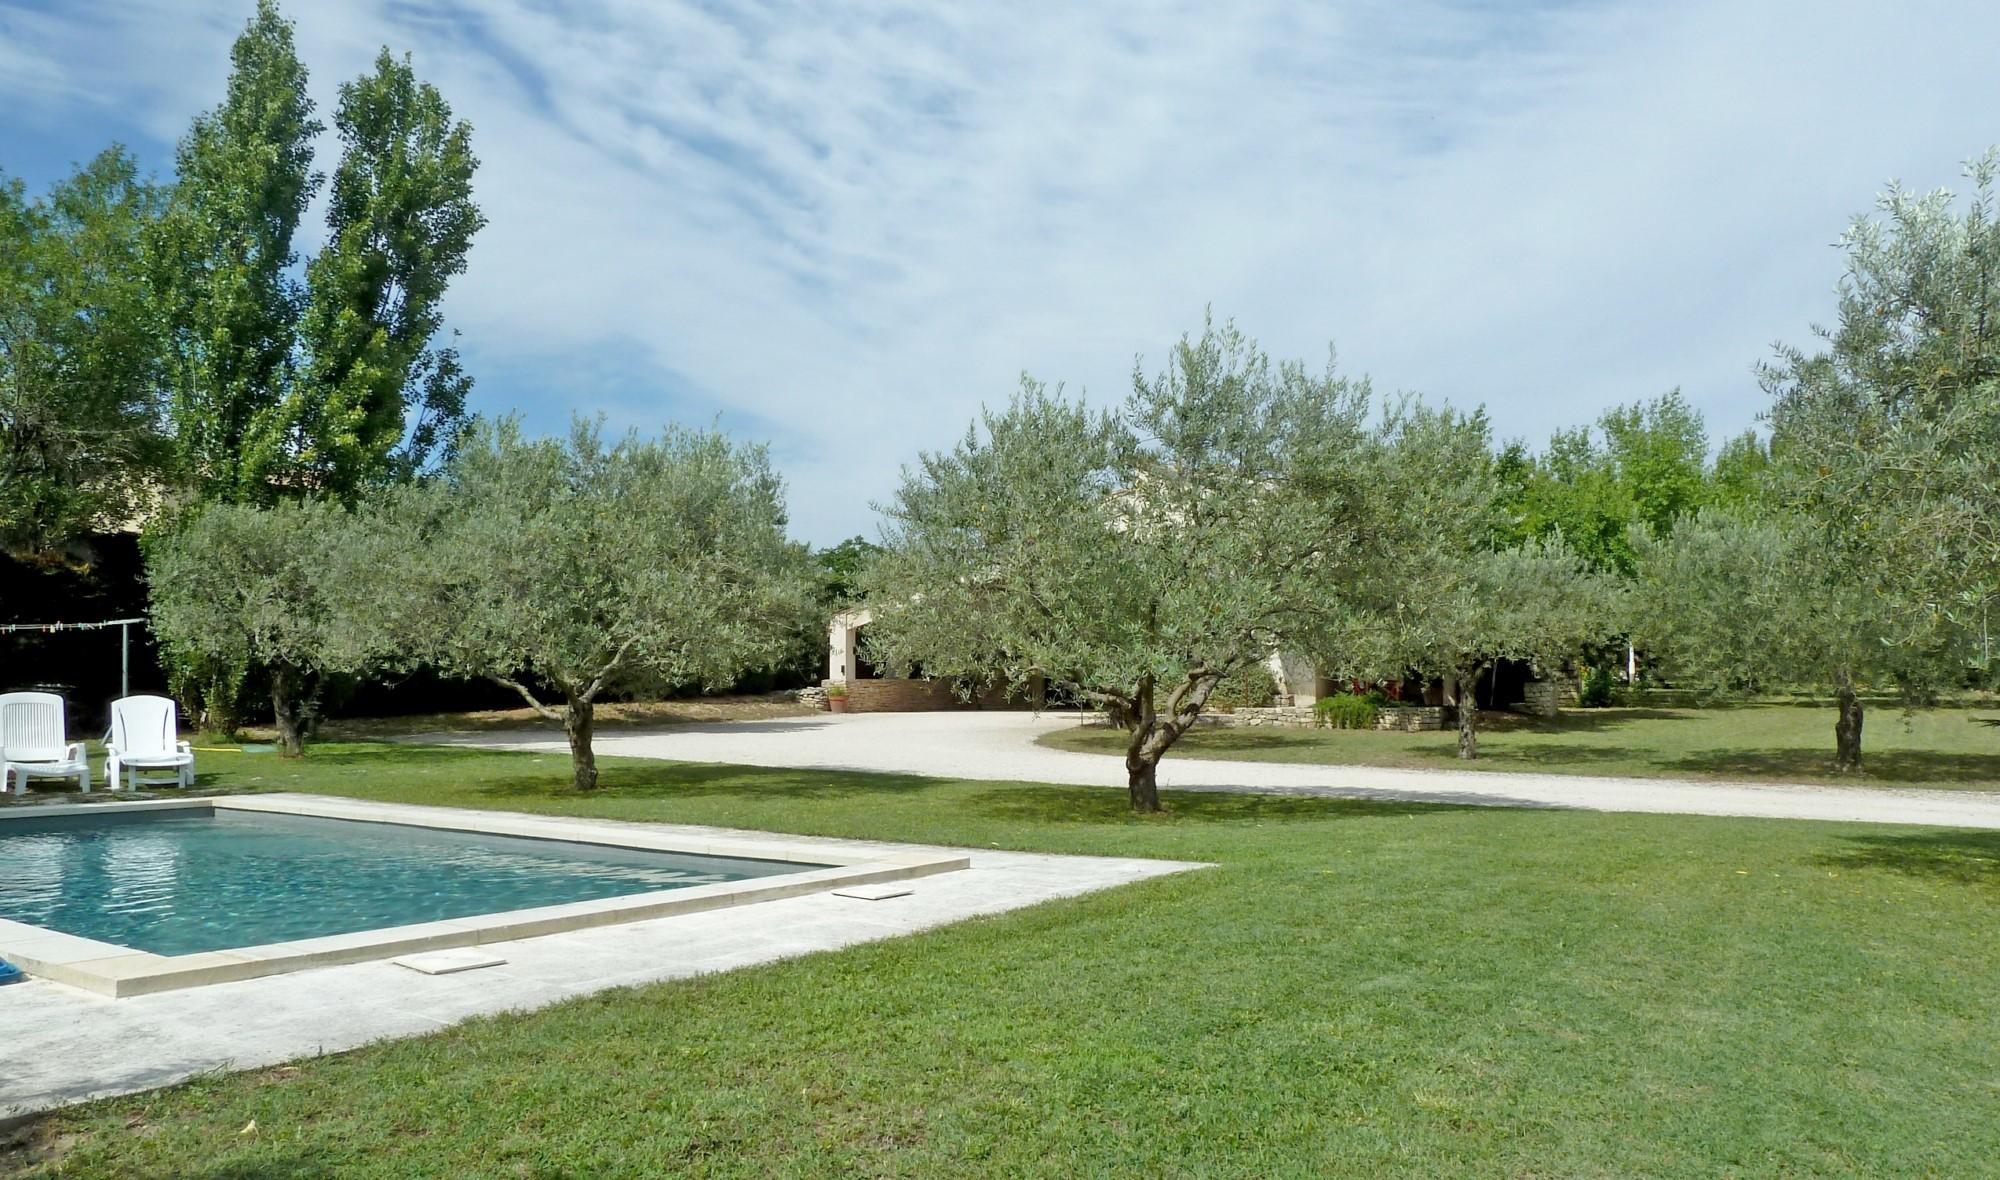 A vendre, maison de charme en pierres rénovée avec piscine